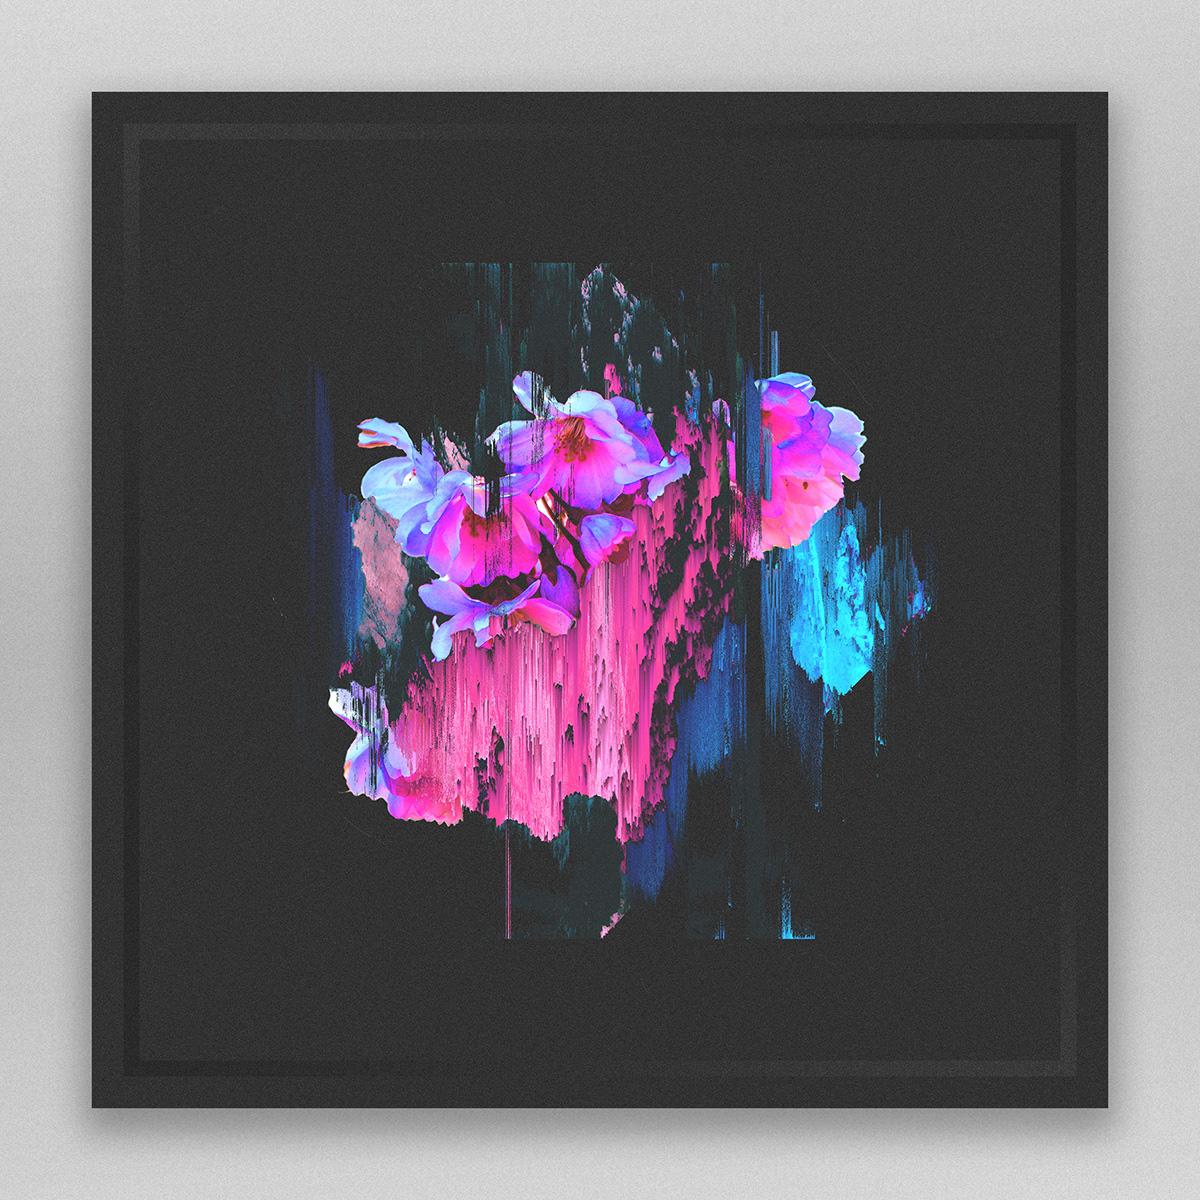 abstract glitch art pixel sort Glitch unsplash cyber art Photo Manipulation  vaporwave